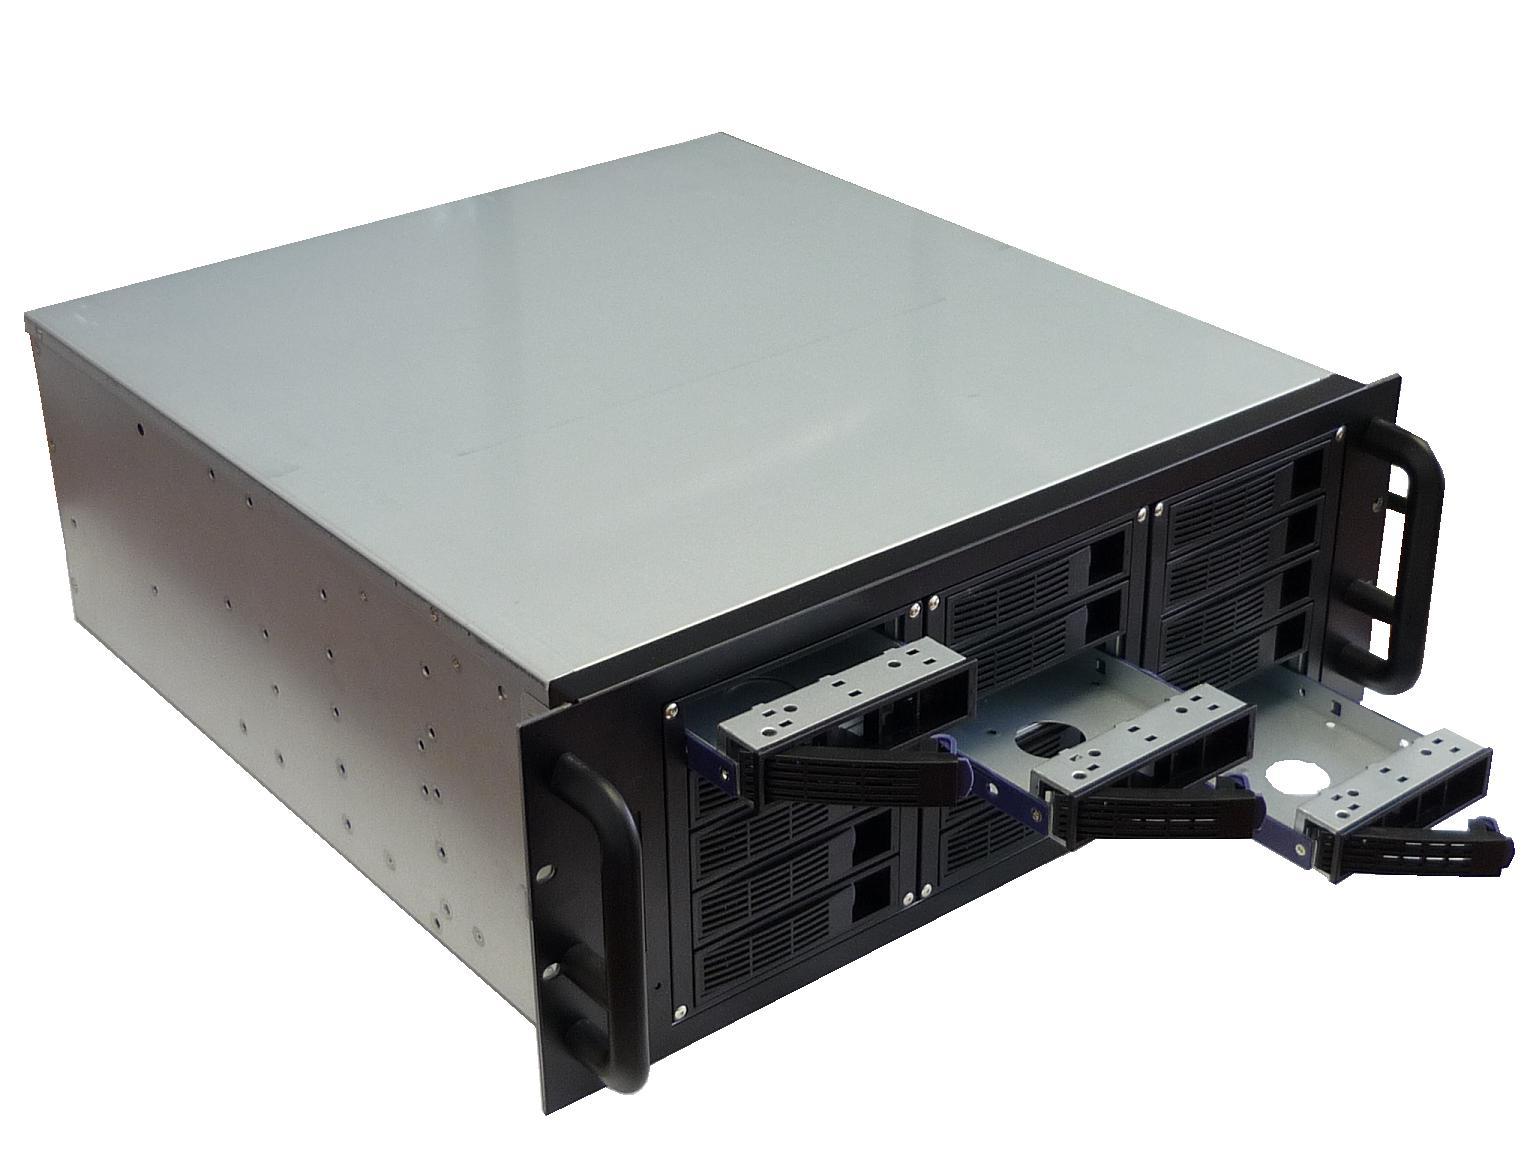 Sas Sata Jbod Raid Storage Sa4001